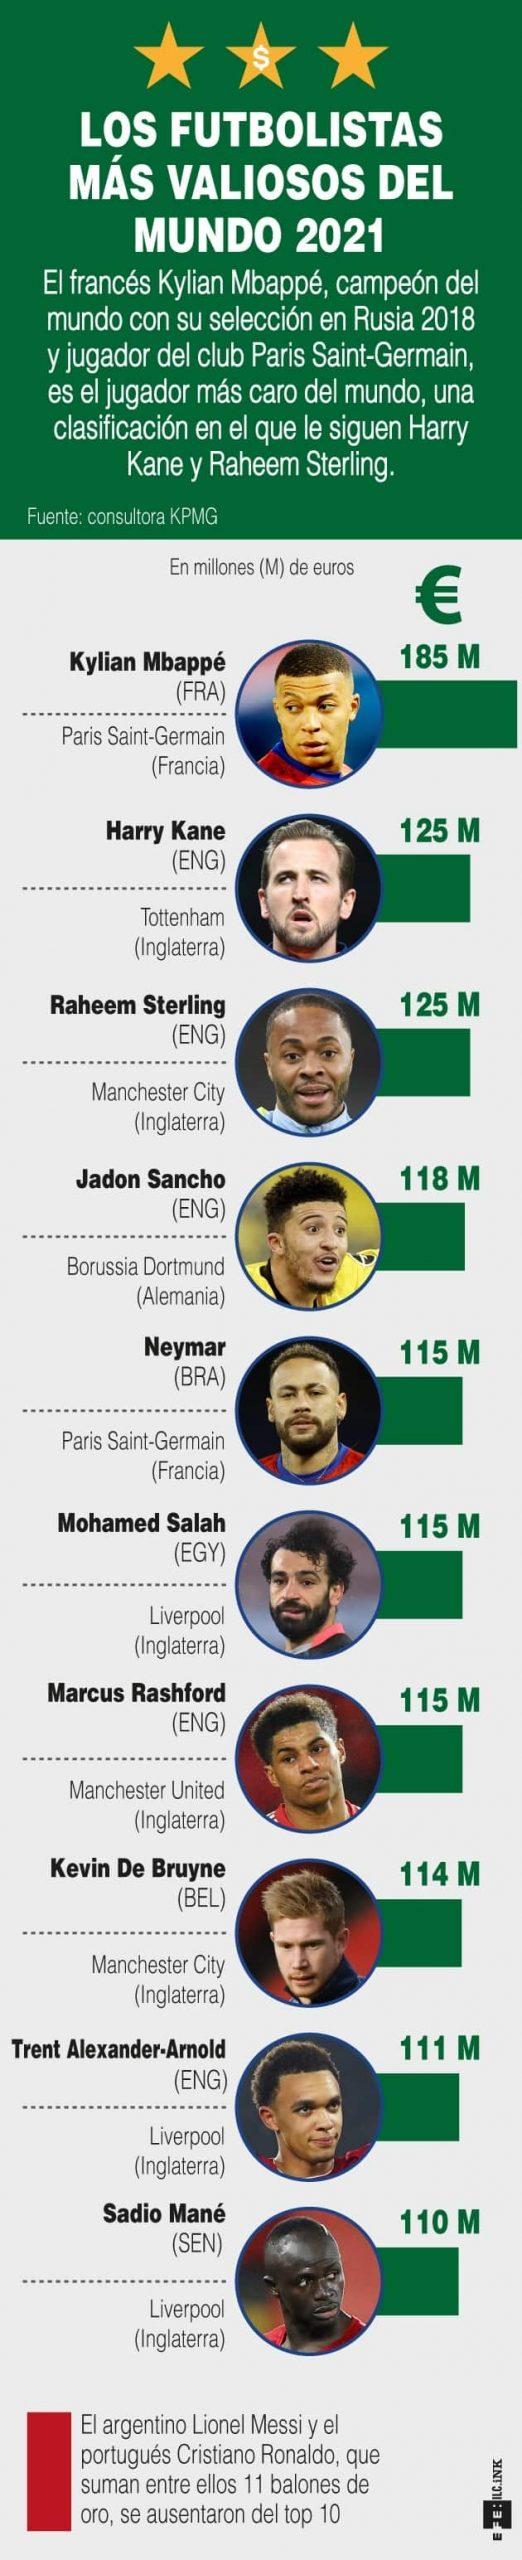 [Infografía] - Los futbolistas más valiosos del mundo 2021 1